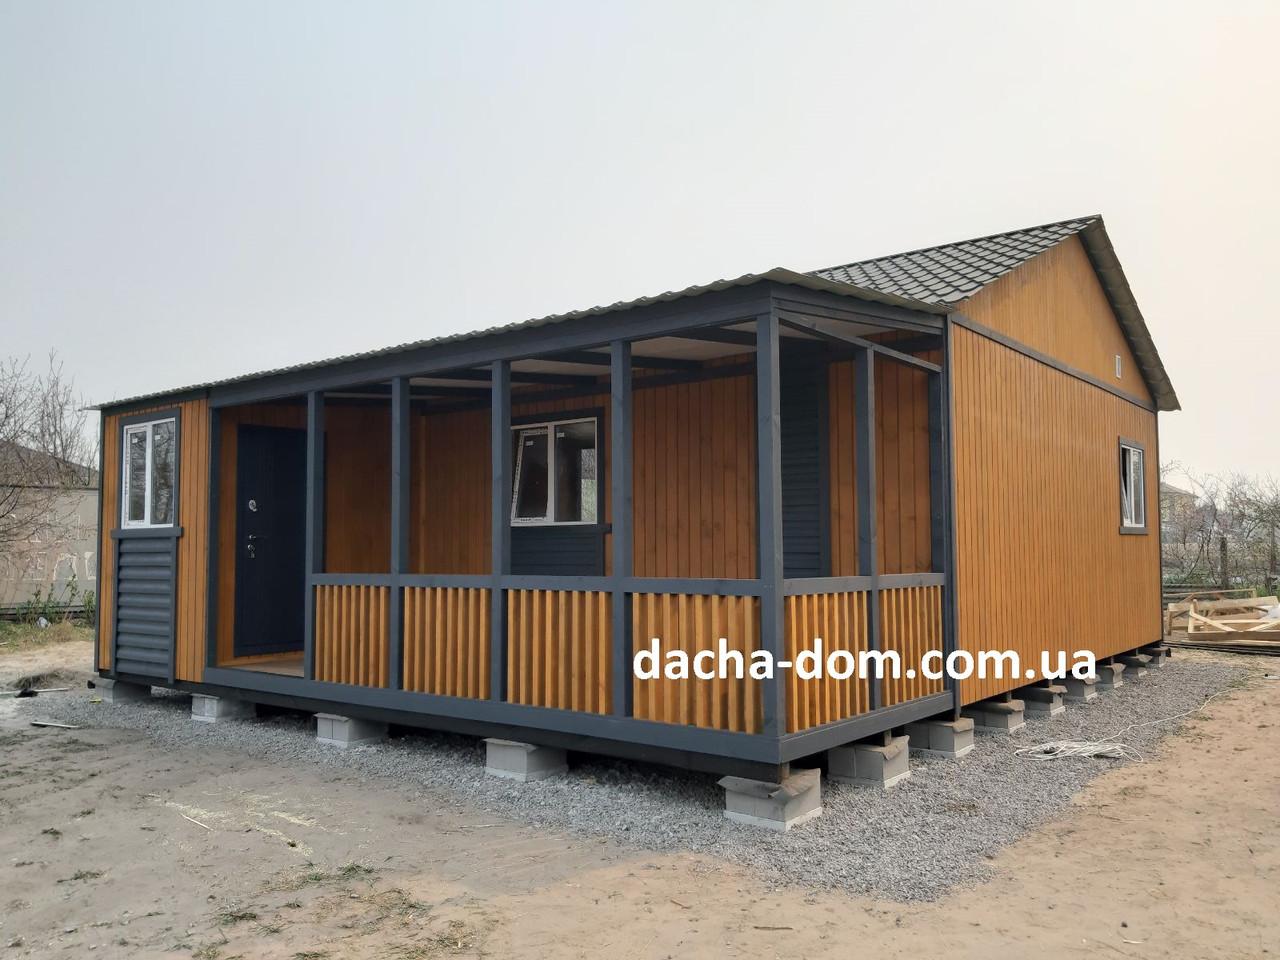 Дачный каркасный дом 8 м на 9,5 м. Новые технологии